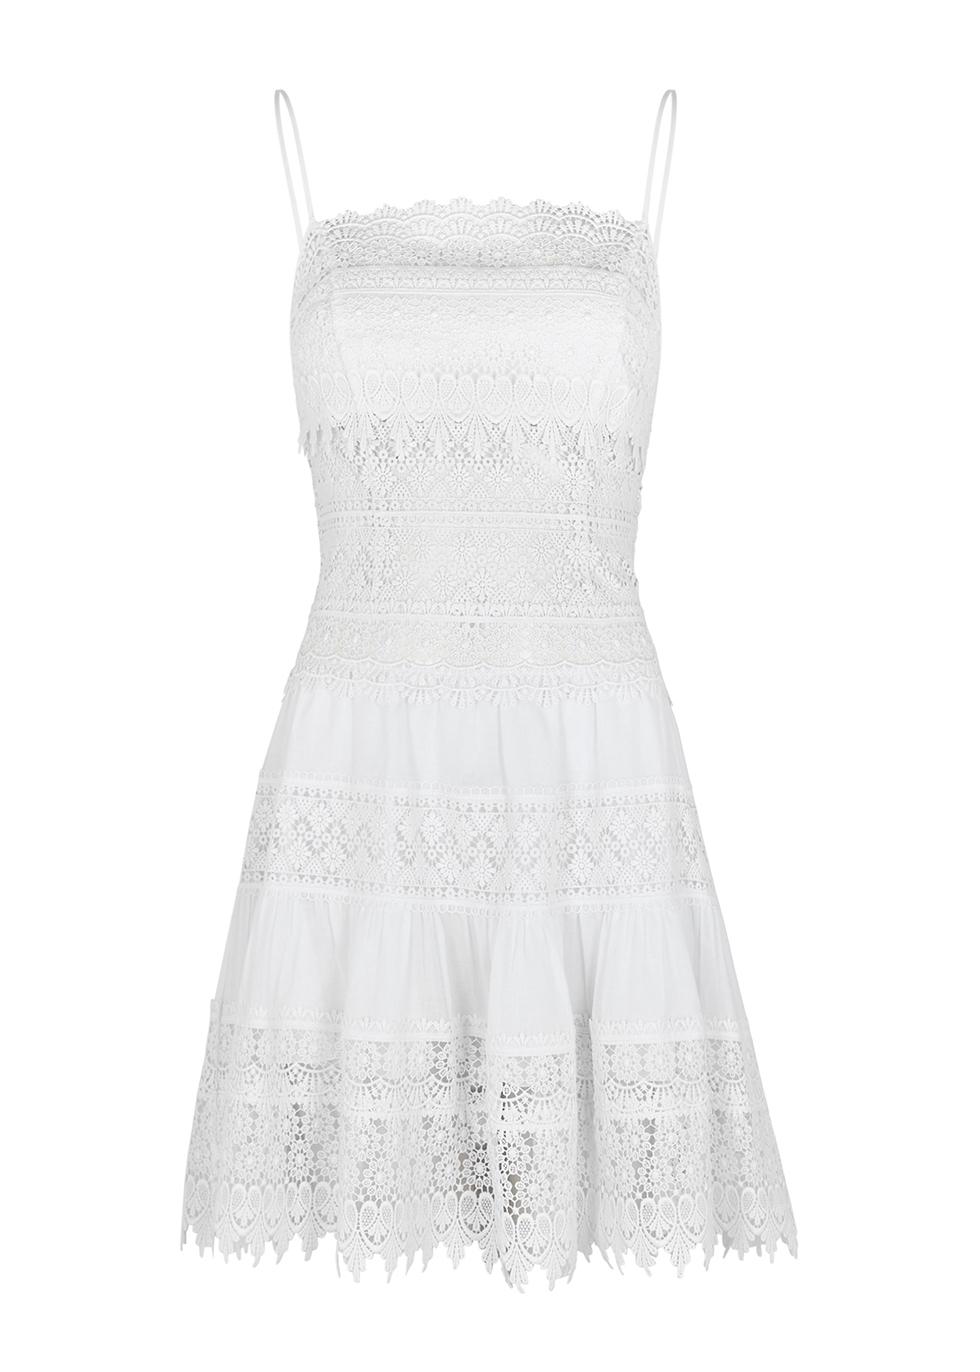 Joya white guipure lace mini dress